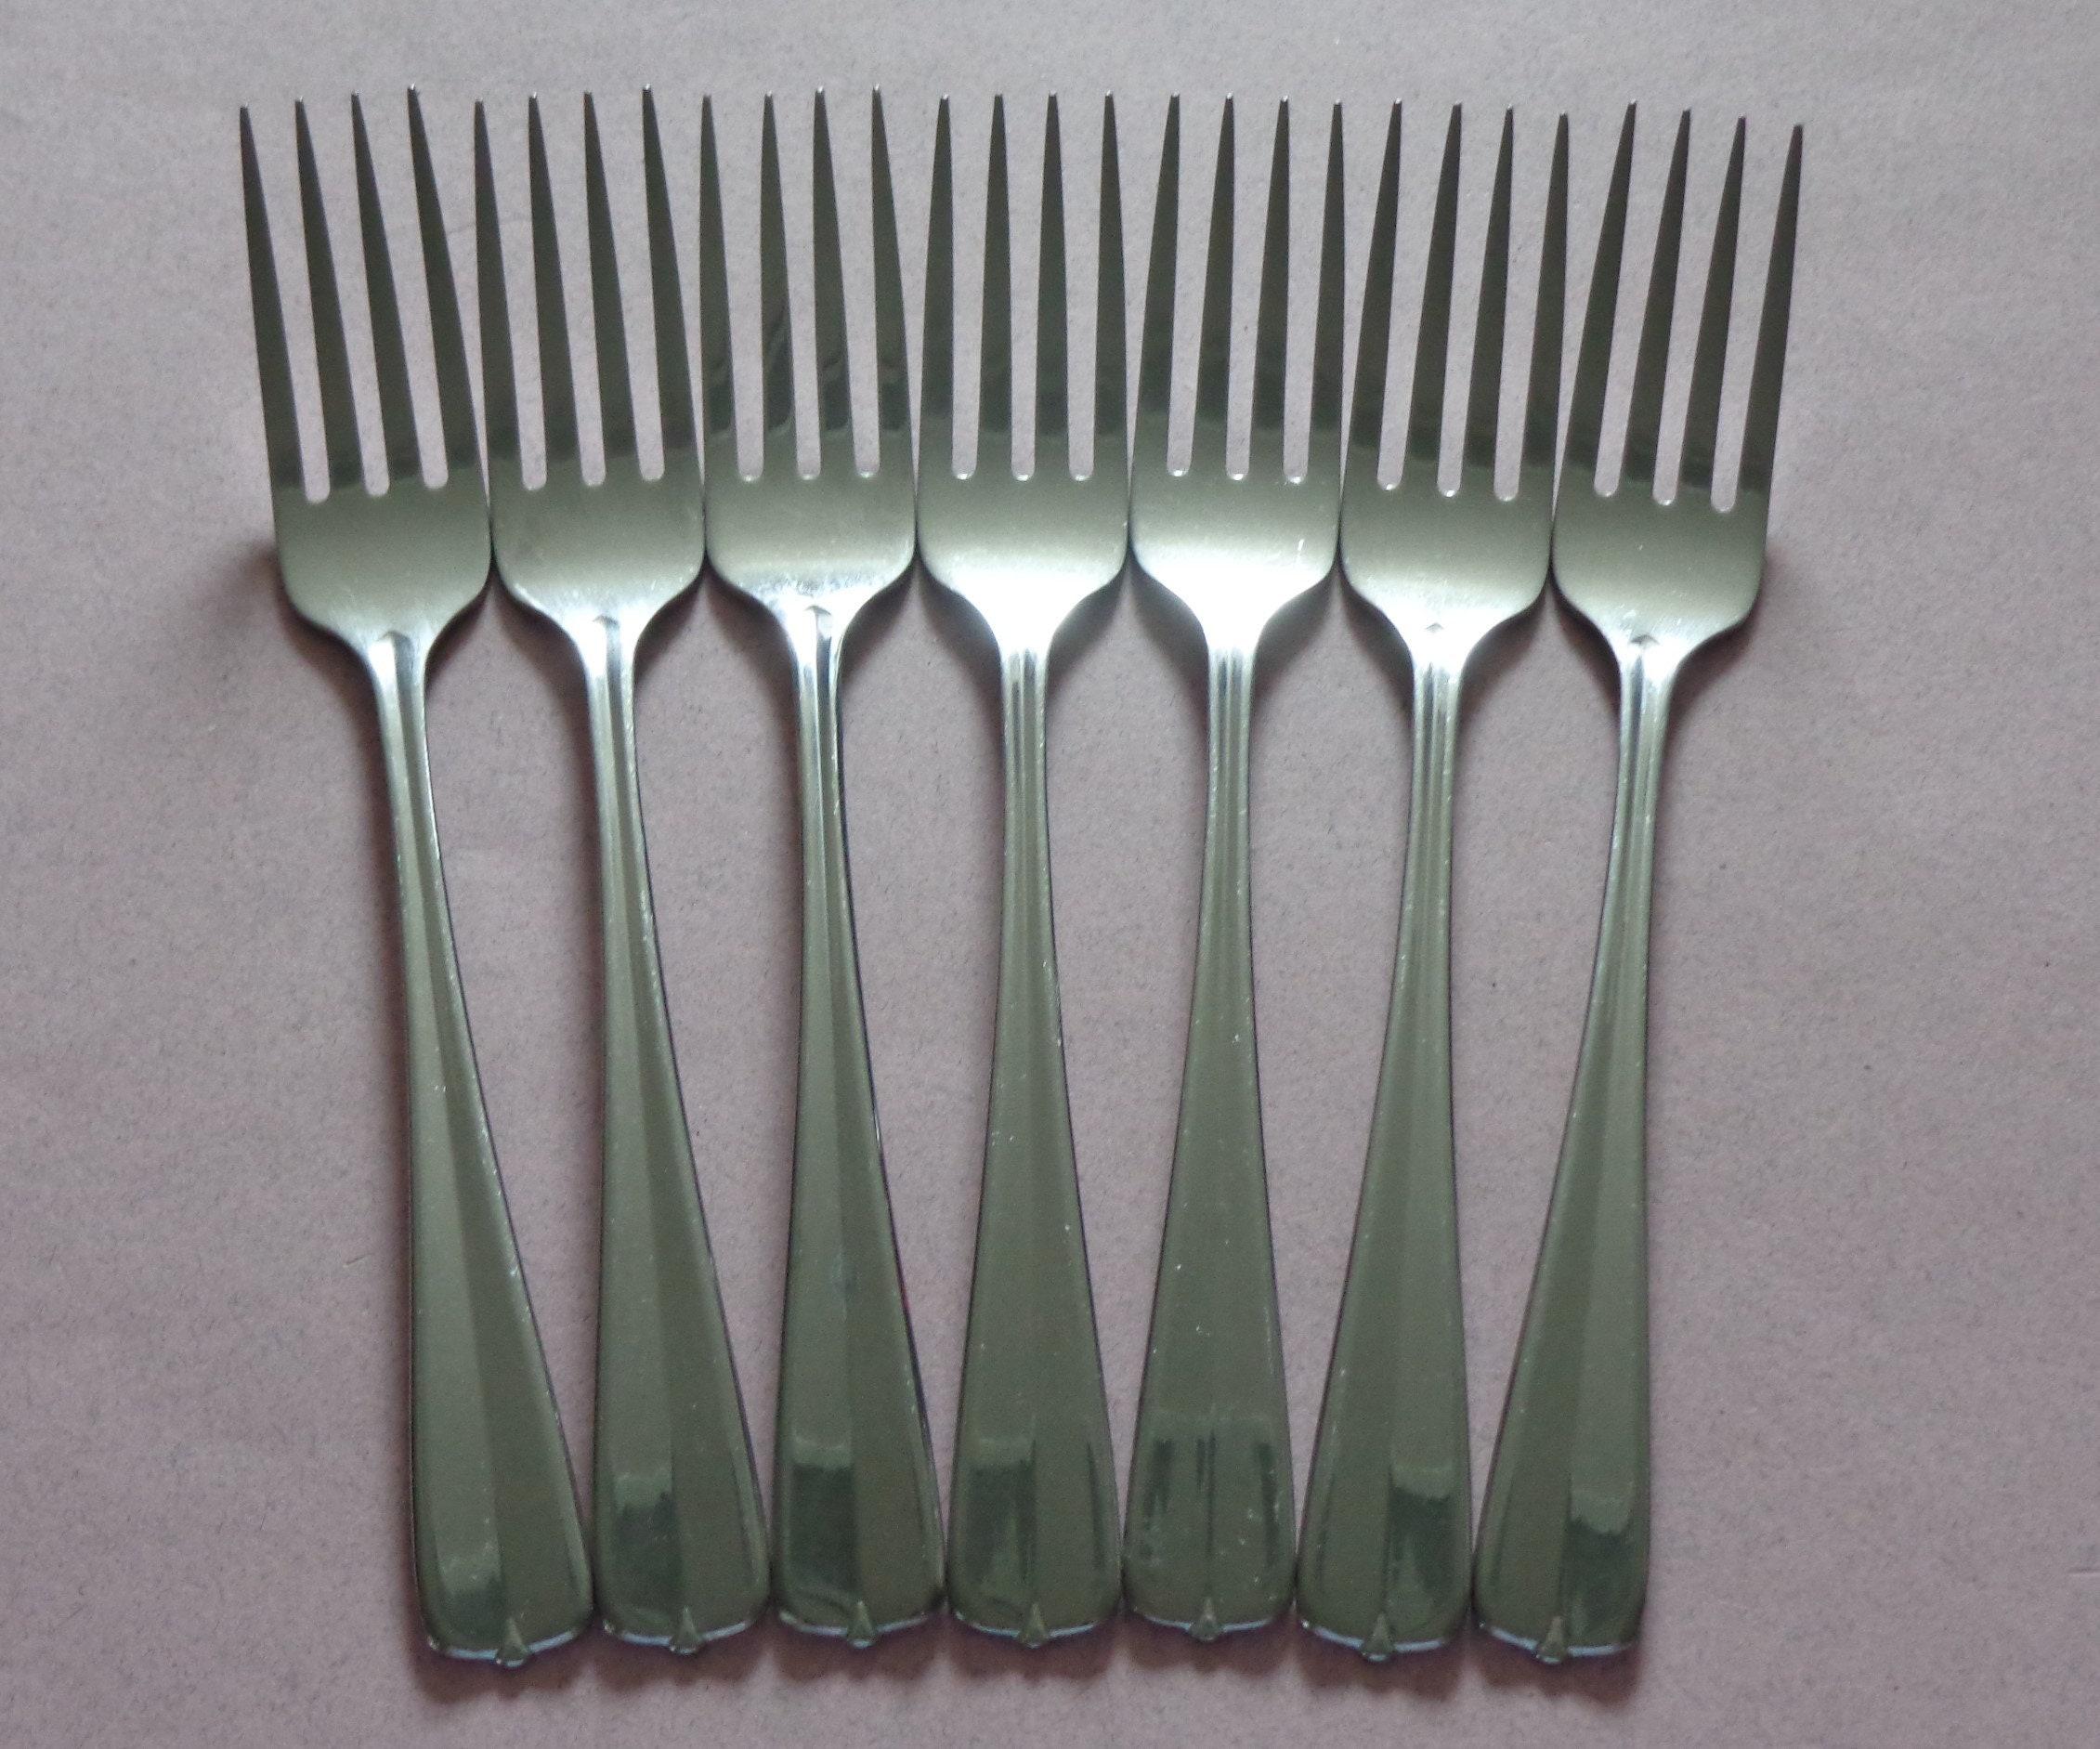 Oneida Gala Impulse Flatware Silverware 7 Stainless Dinner Forks